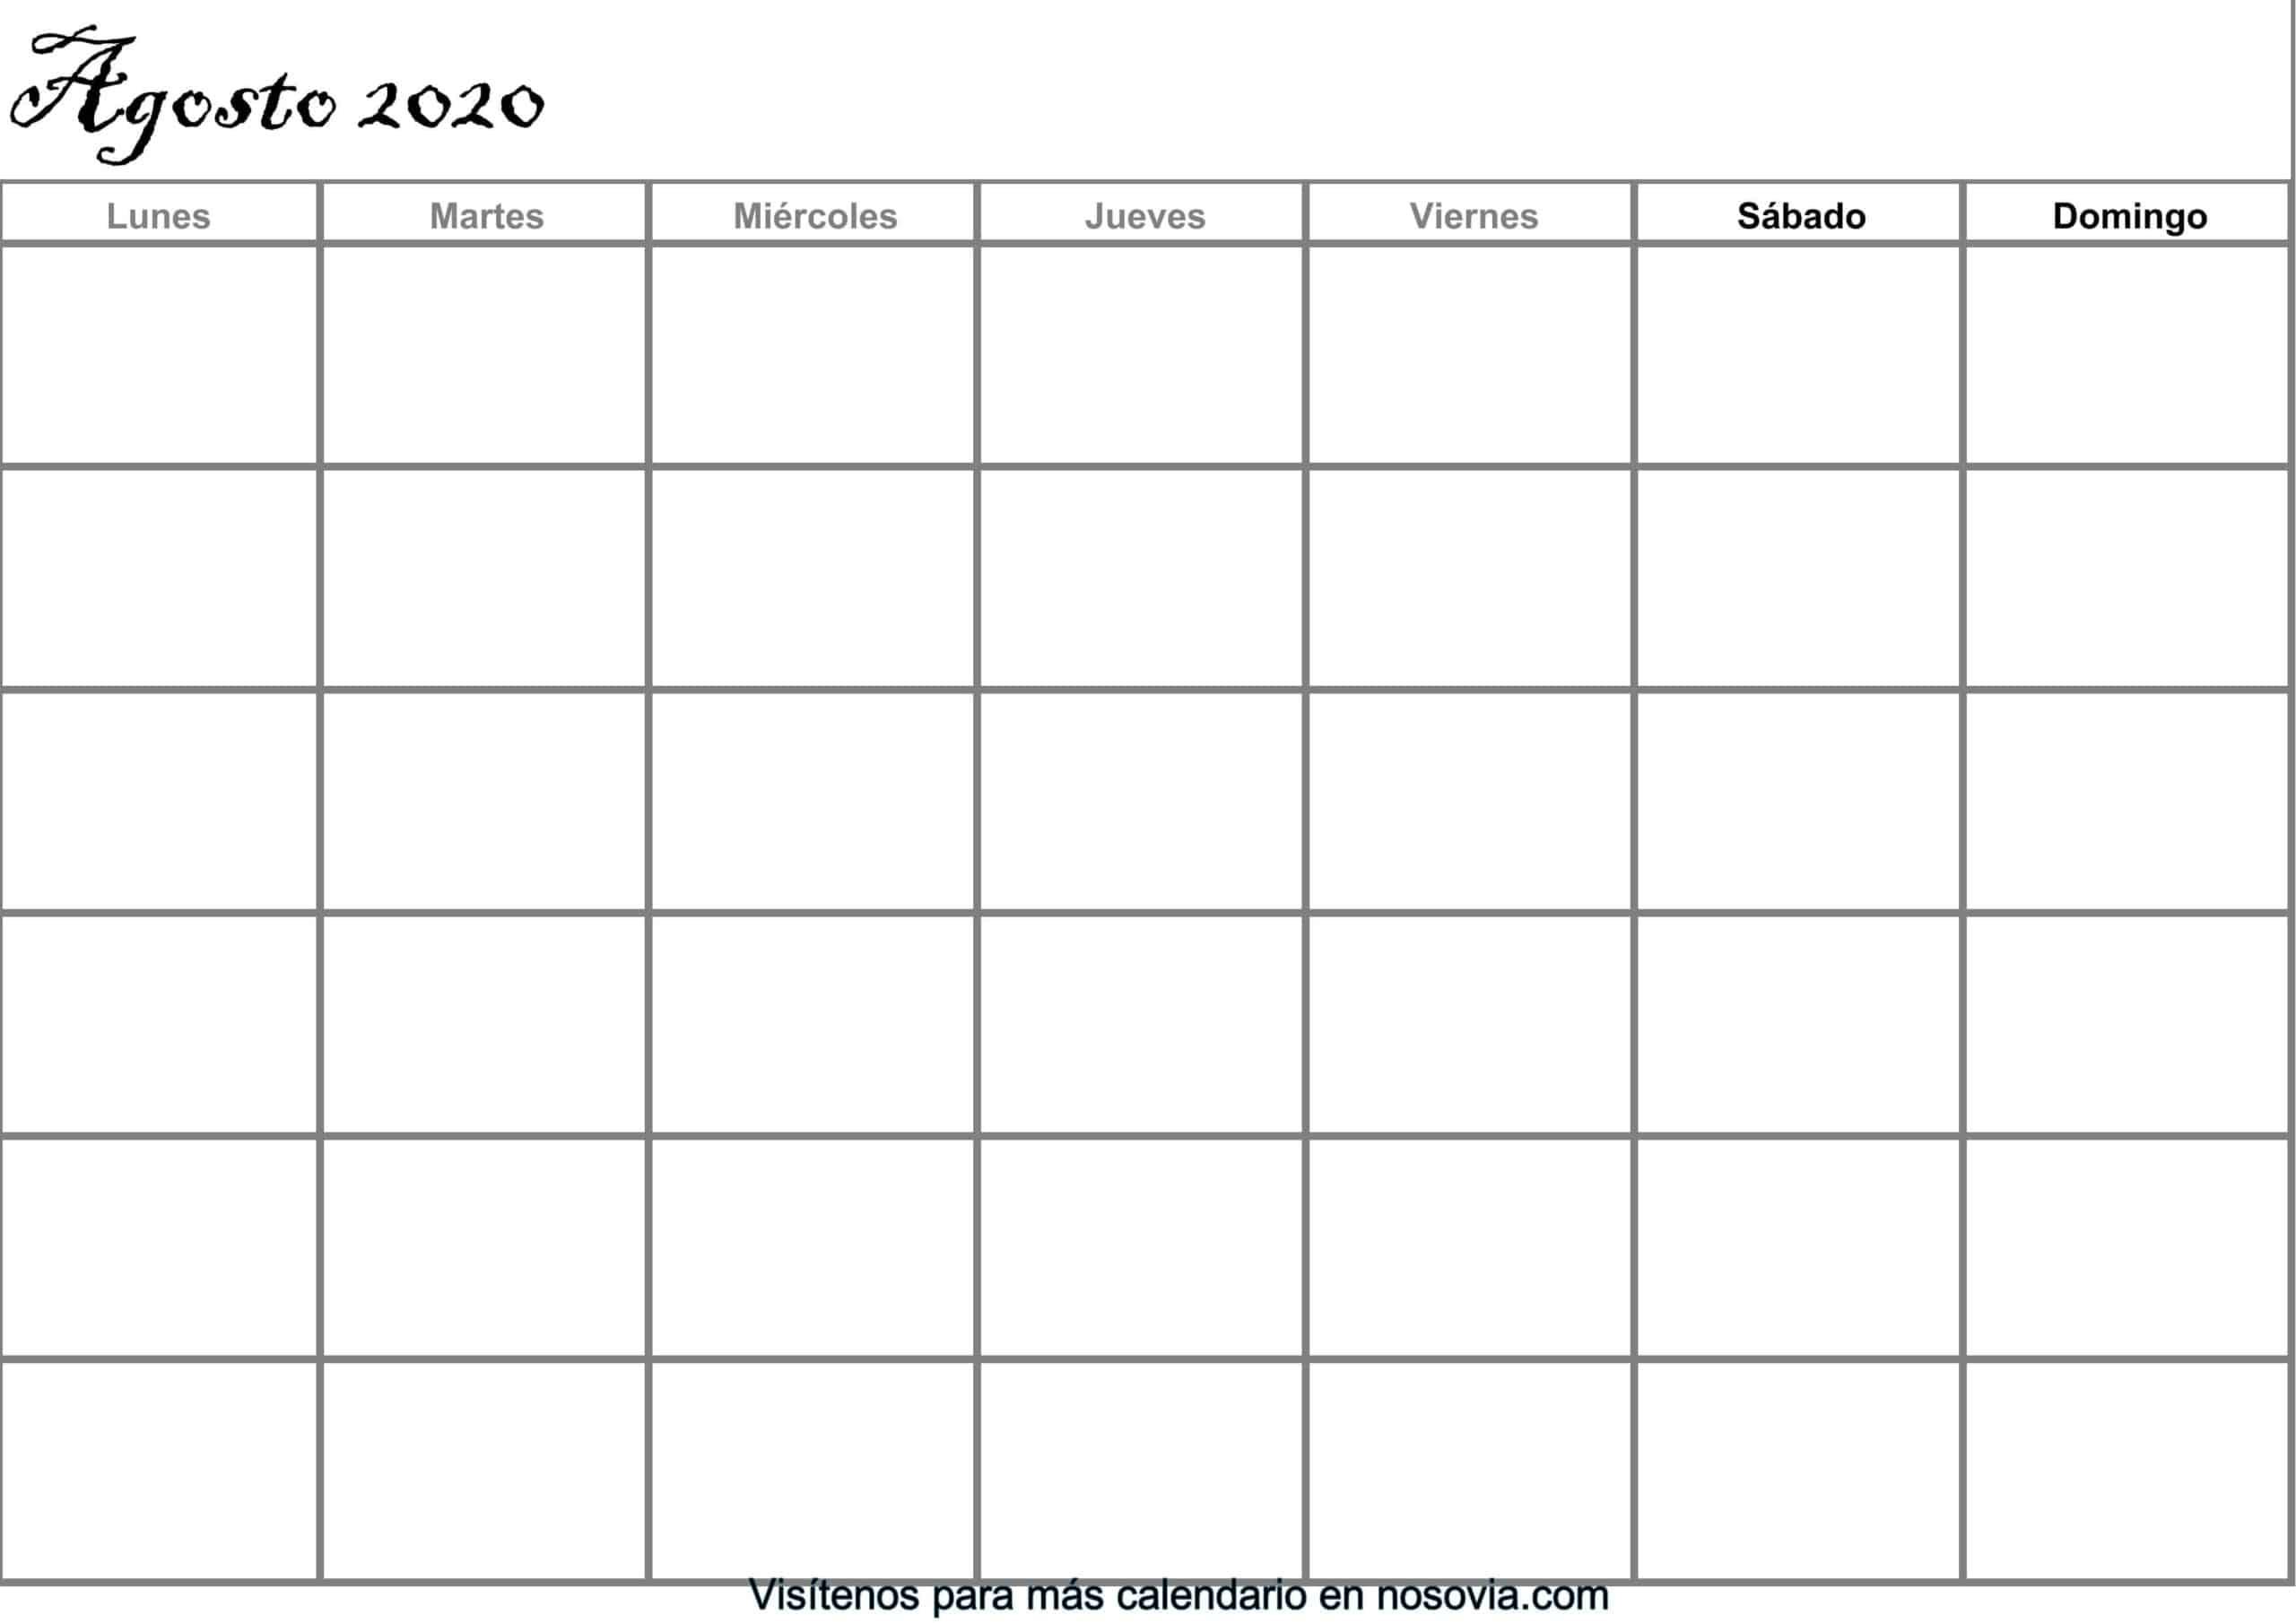 Calendario-agosto-2020-en-blanco-PDF-gratis